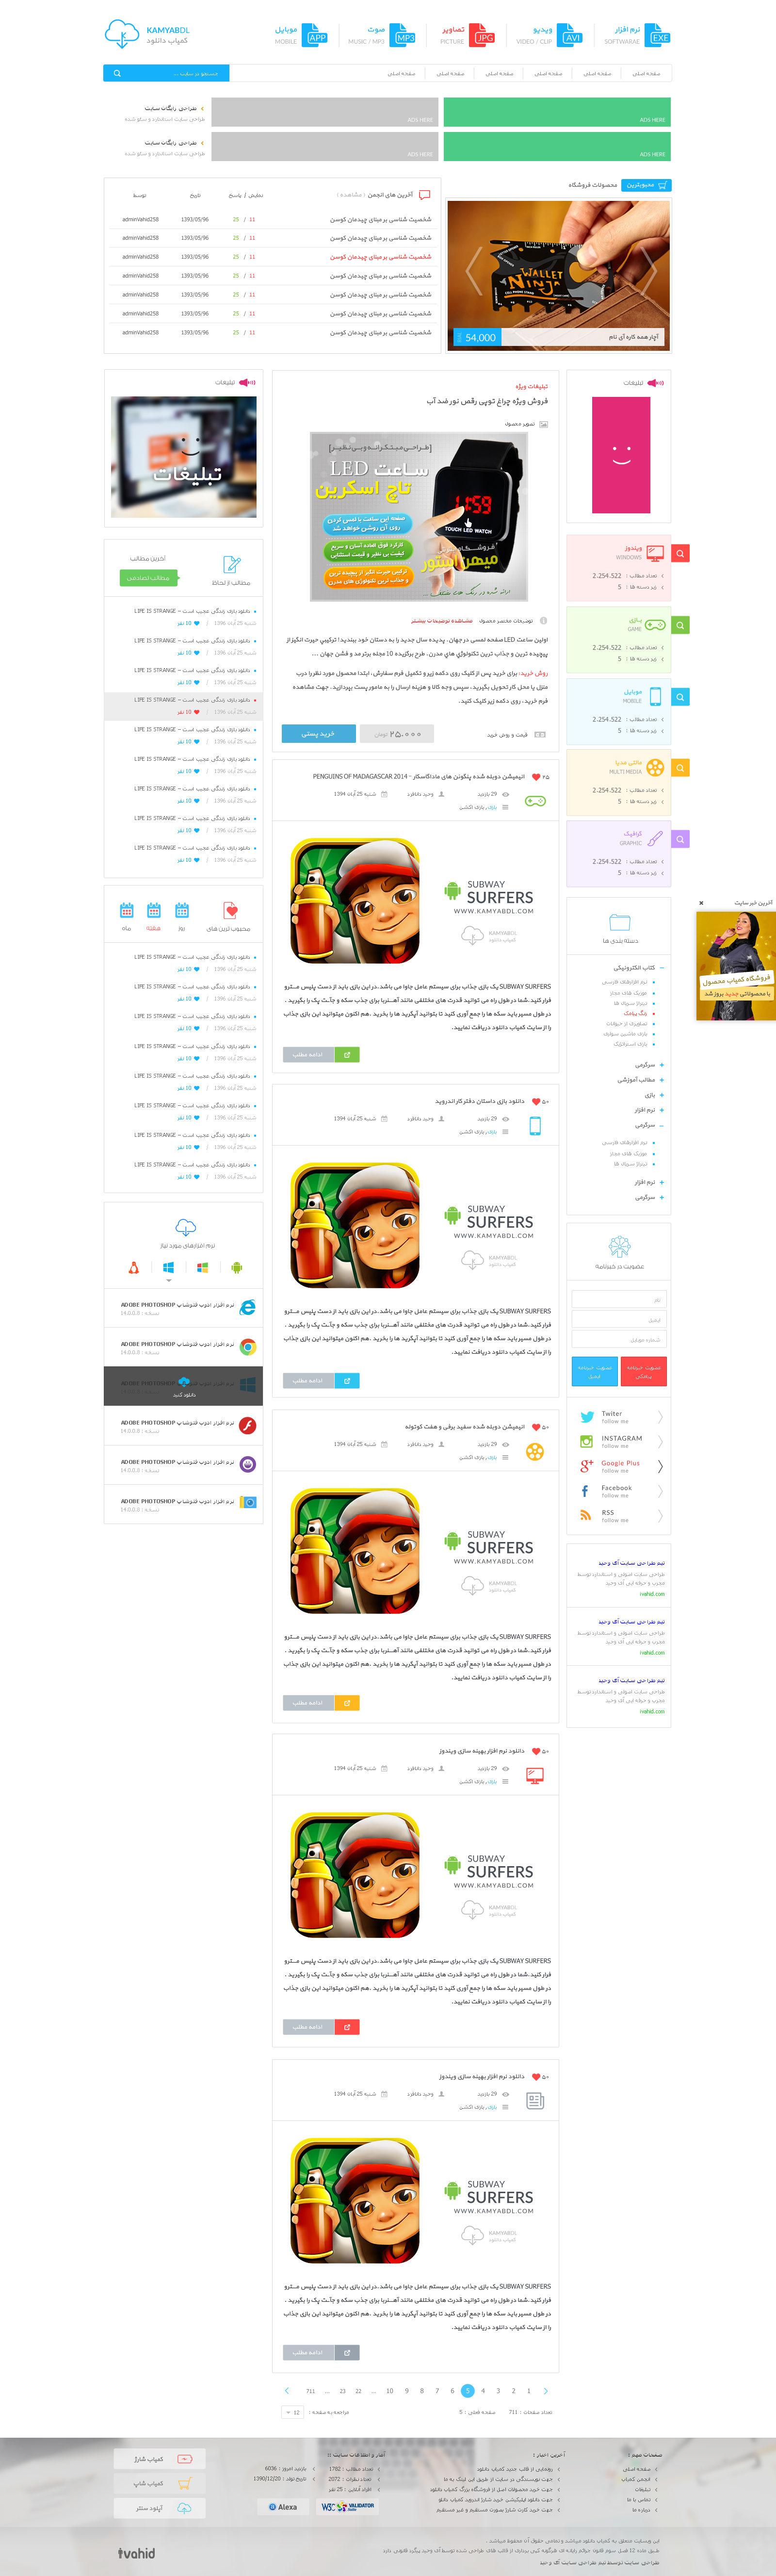 طراحی وب سایت کمیاب دانلود جایزه قرعه کشی ۹۳